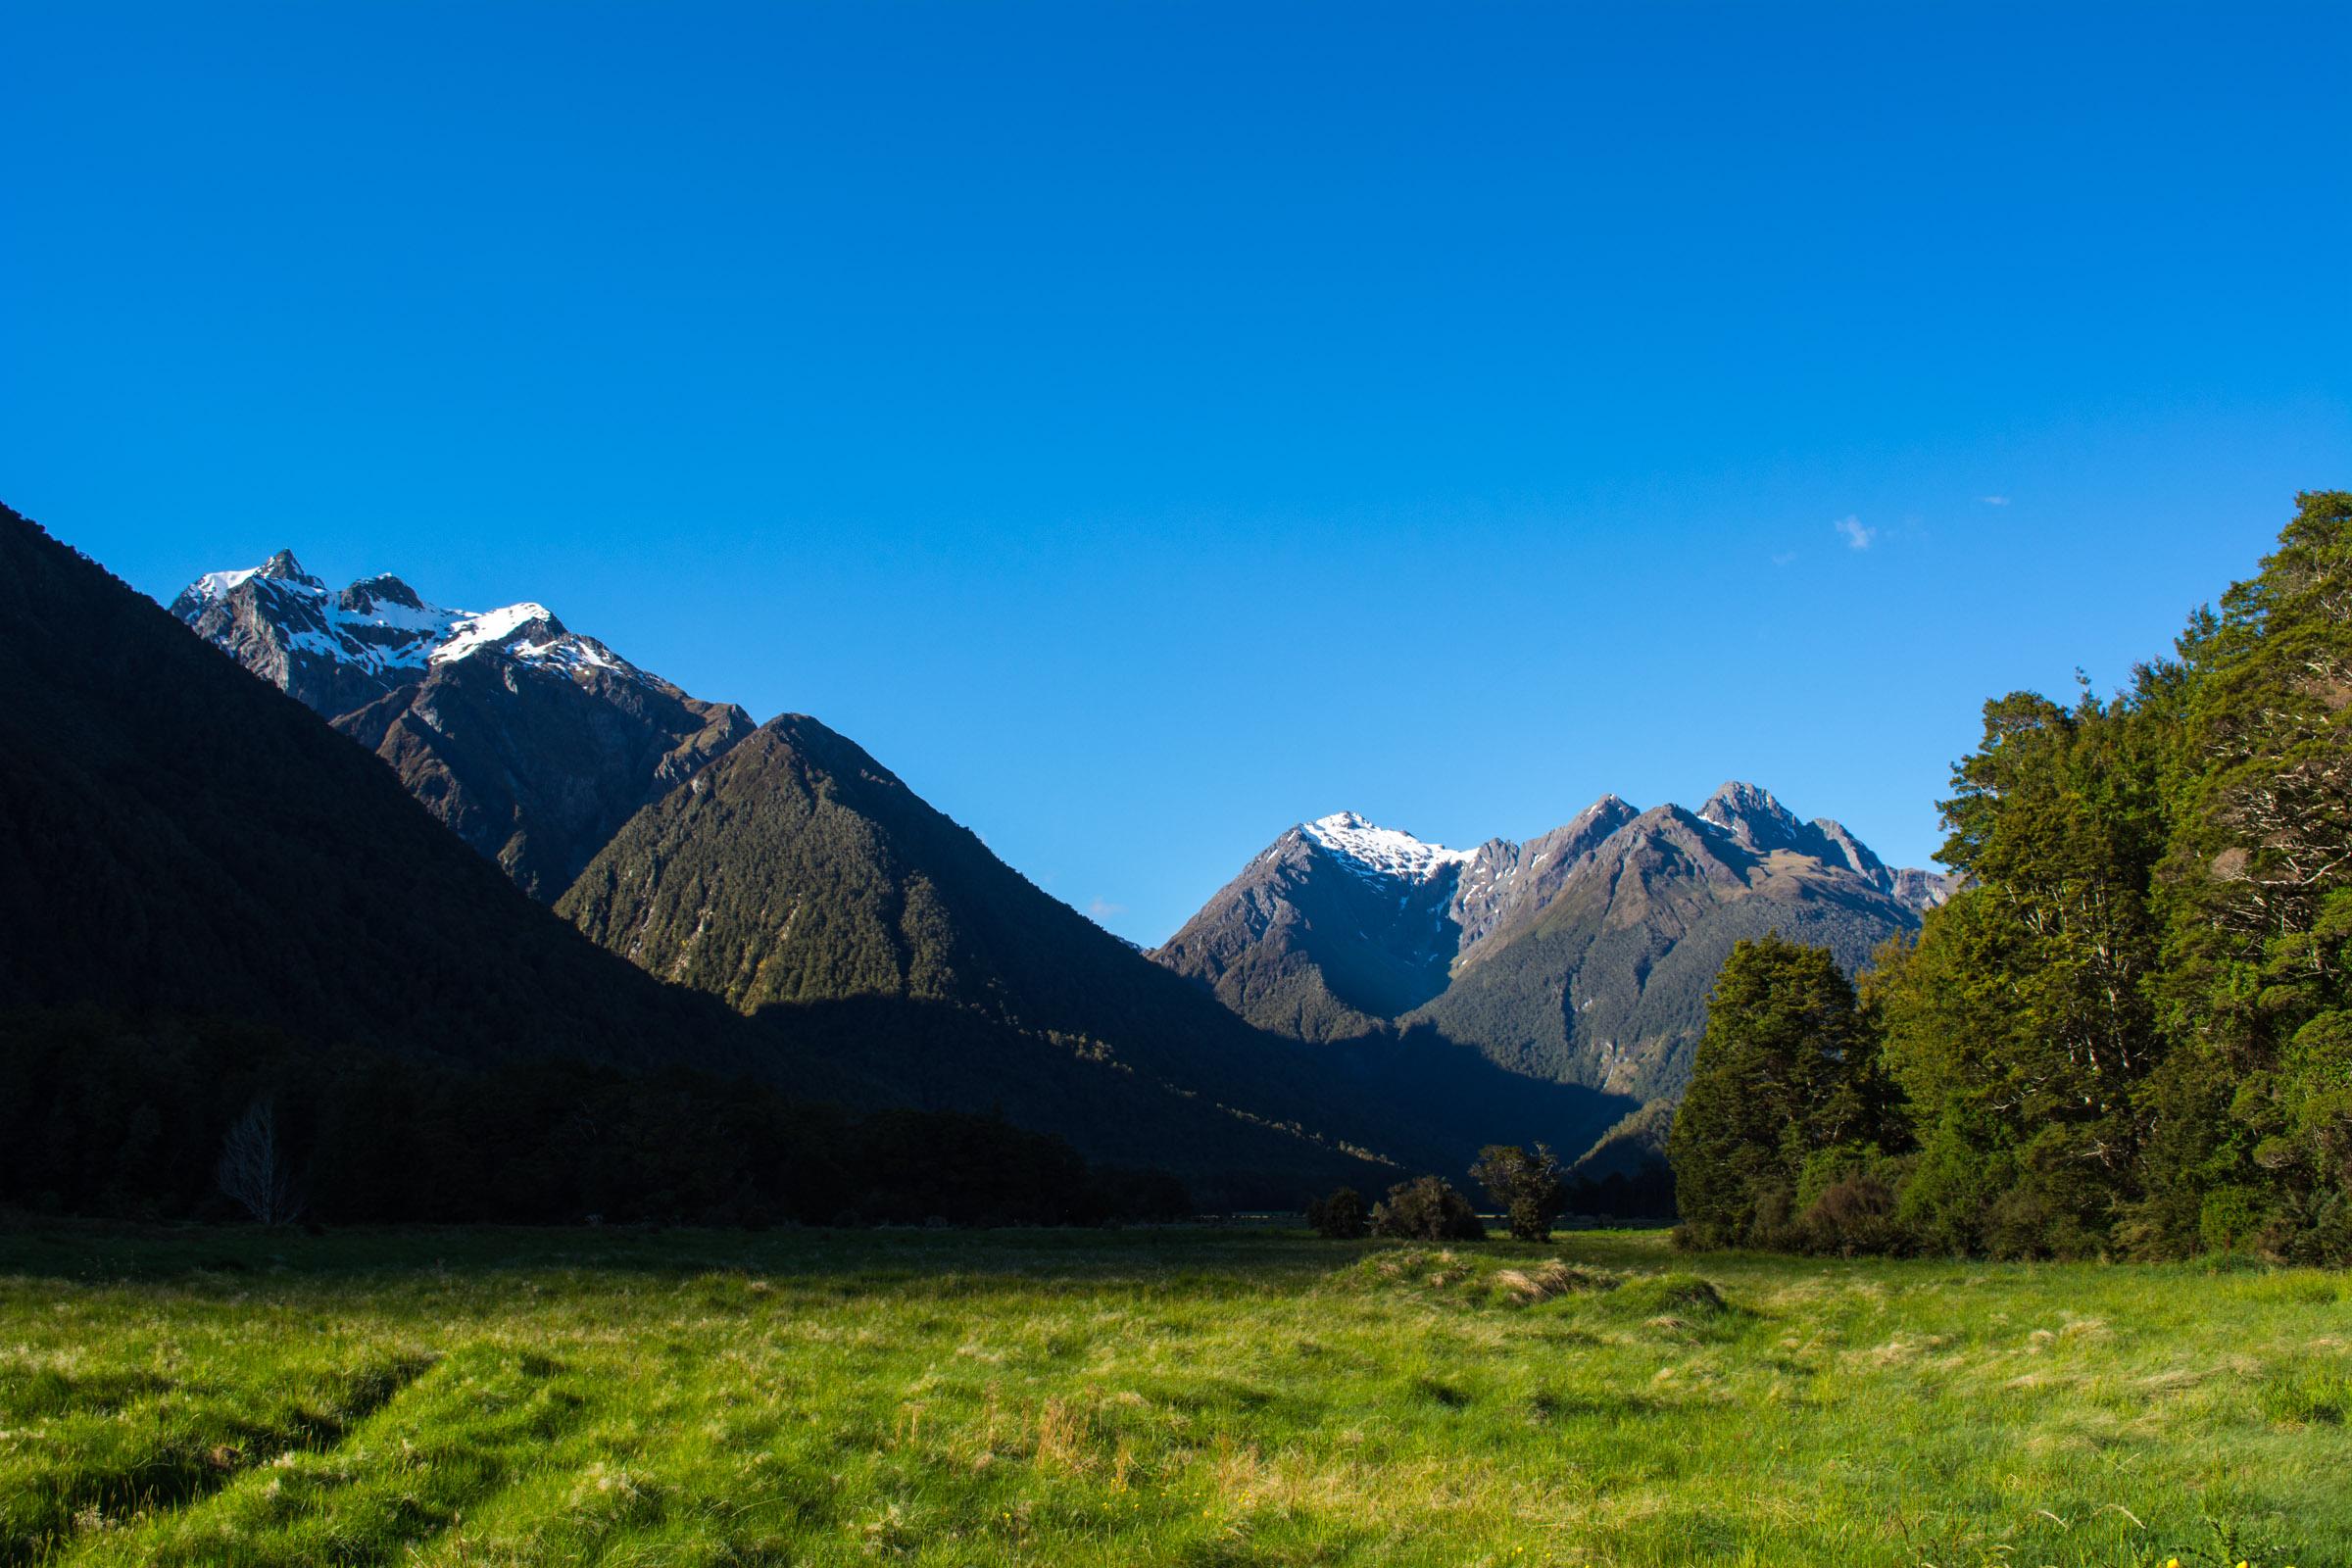 20131121_SouthernLakes_Fiordland-_Timo_048